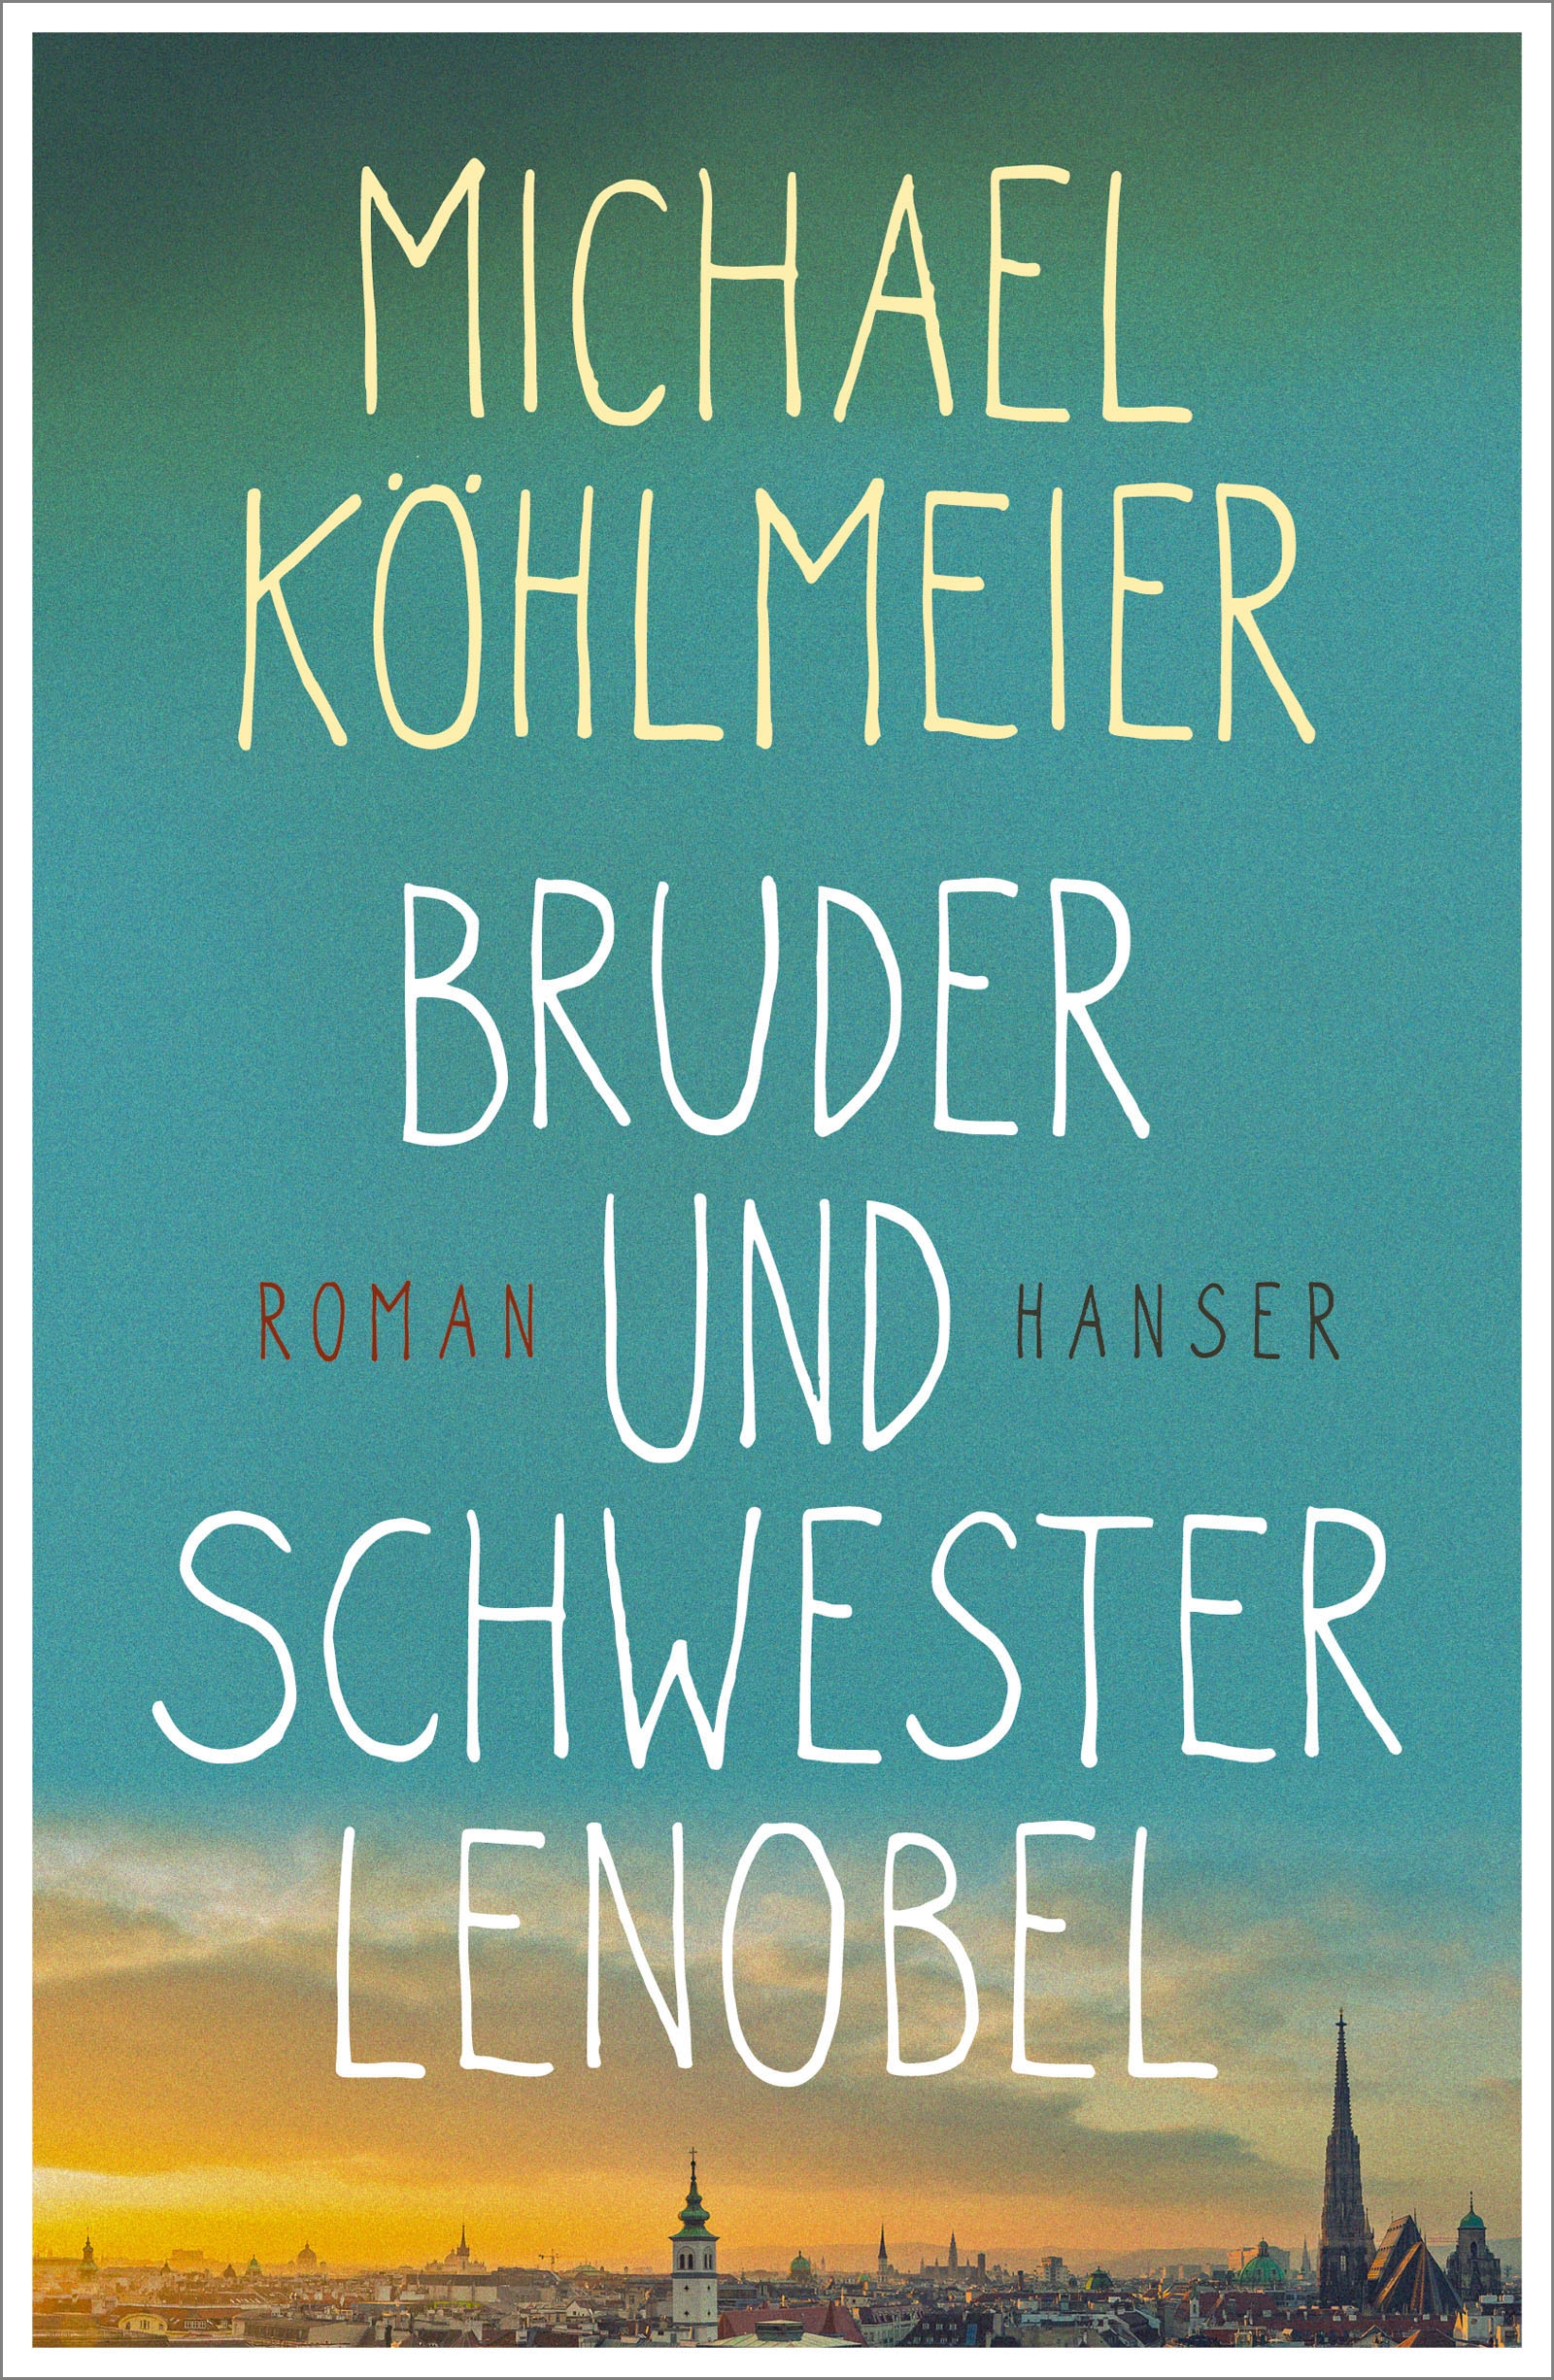 https://www.hanser-literaturverlage.de/buch/bruder-und-schwester-lenobel/978-3-446-25992-8/